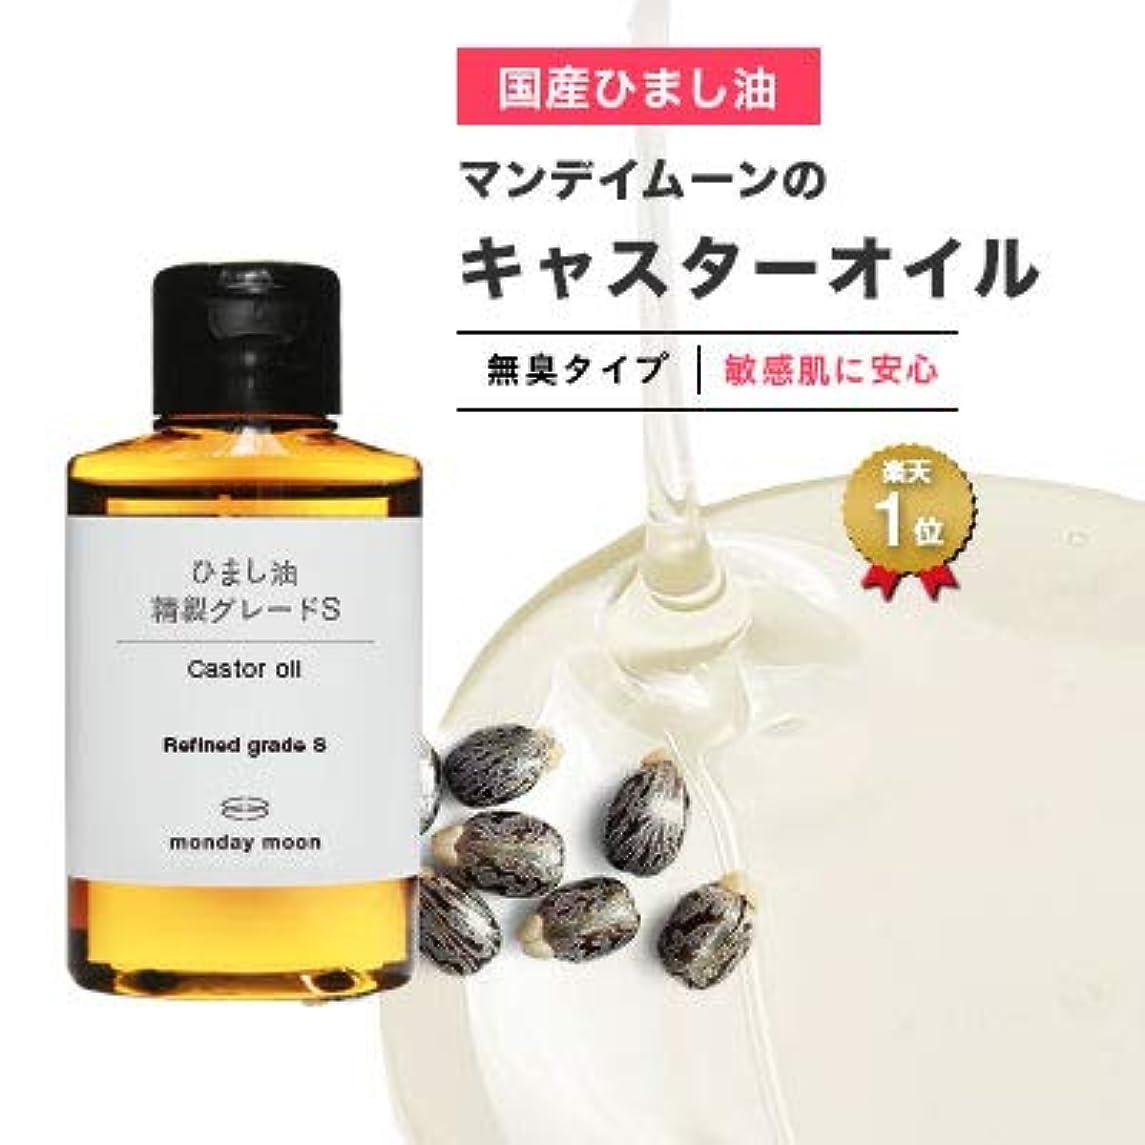 キャスターオイル?精製グレードS(ひまし油)/50ml